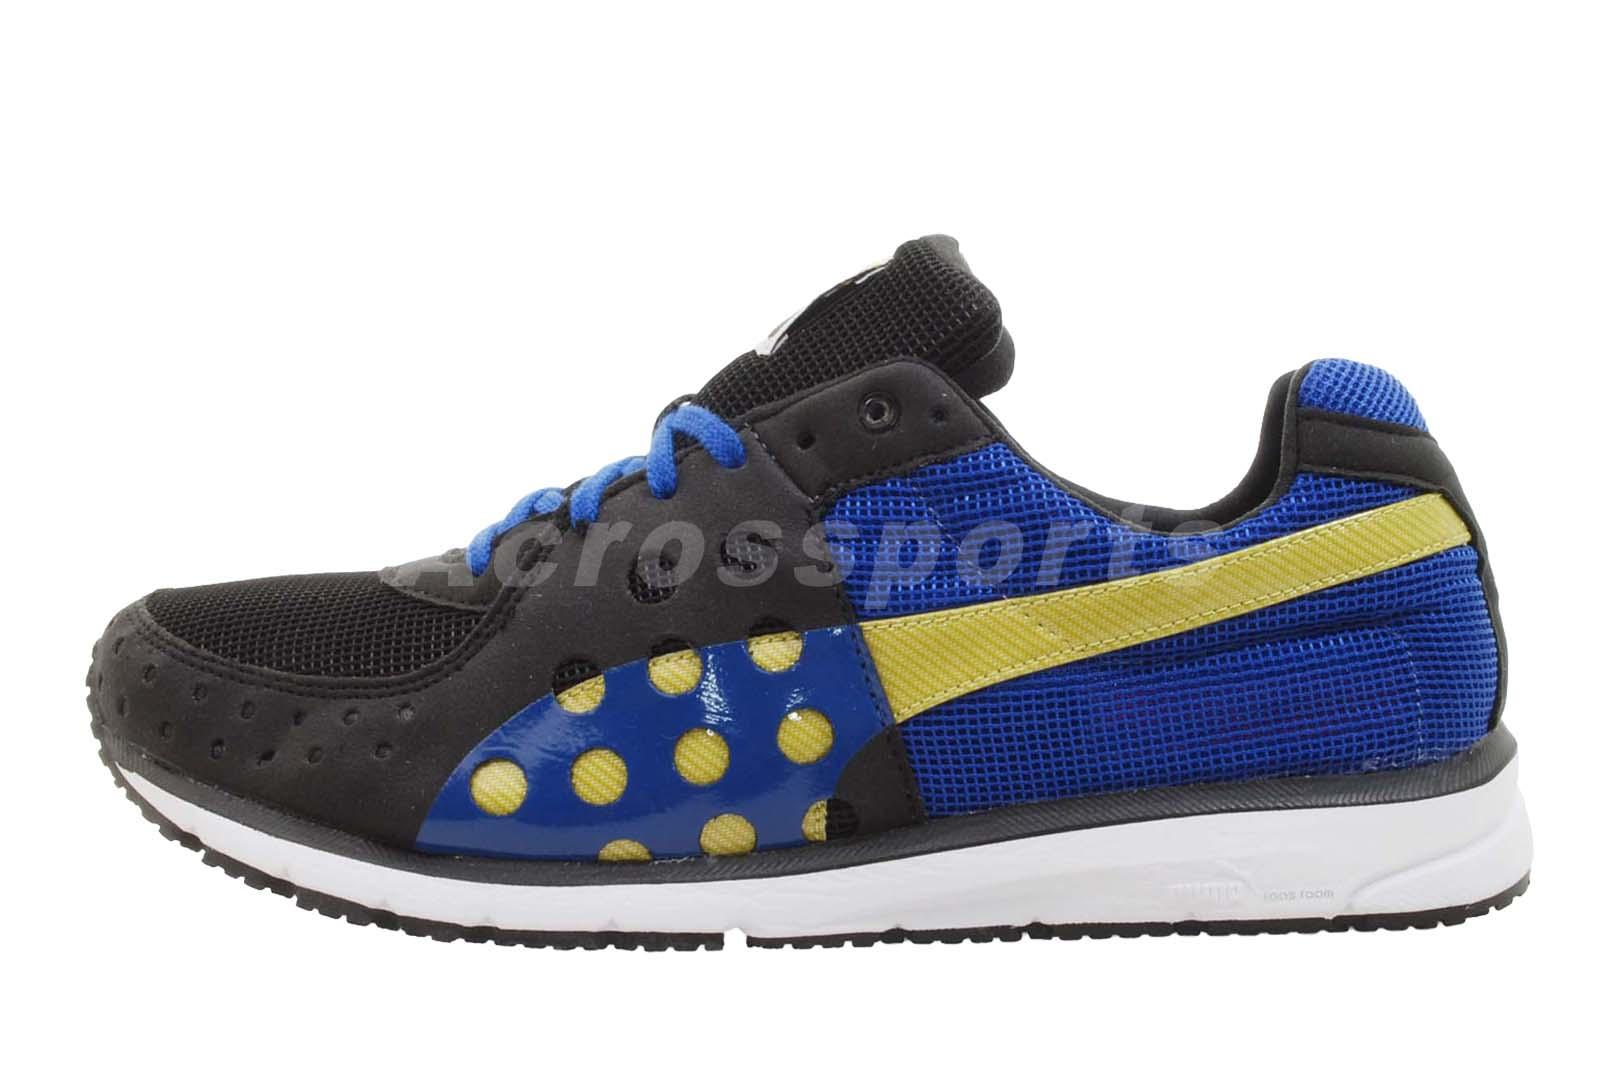 Puma Faas 300 / Canvas Mens Running Shoes Usain Bolt 4 ...